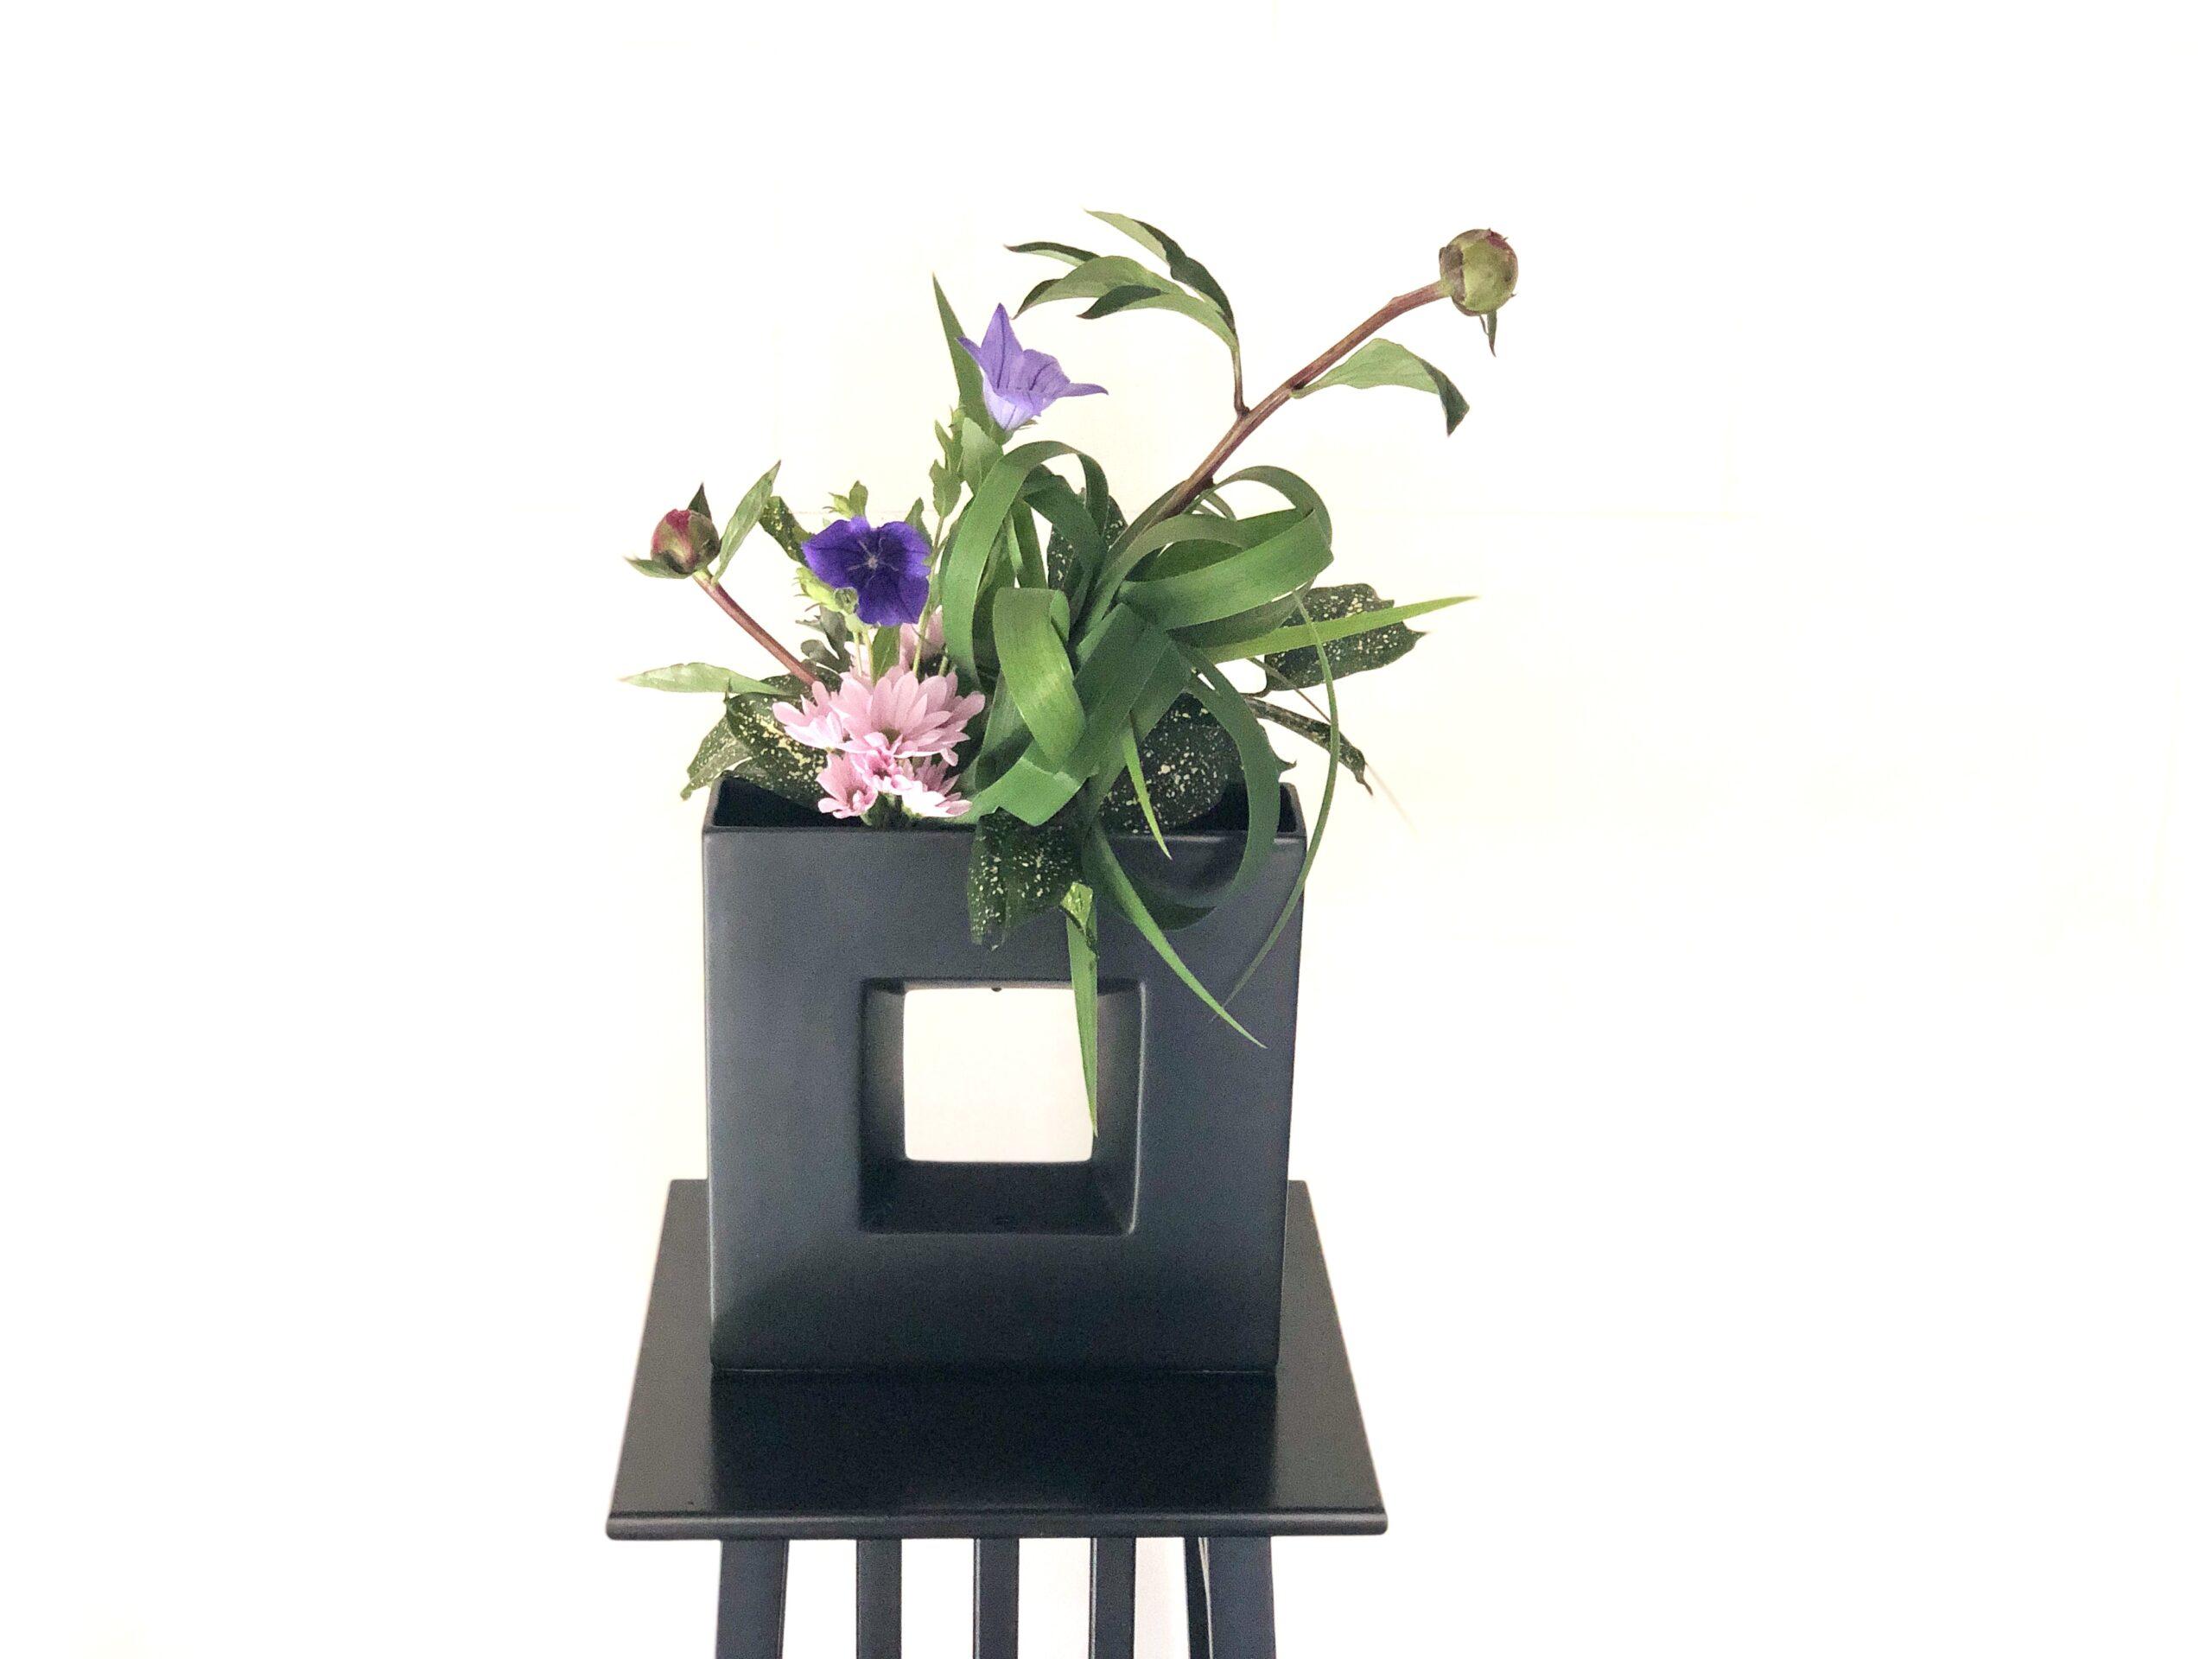 グリーン多めの生け花 オクラレルカの使い方